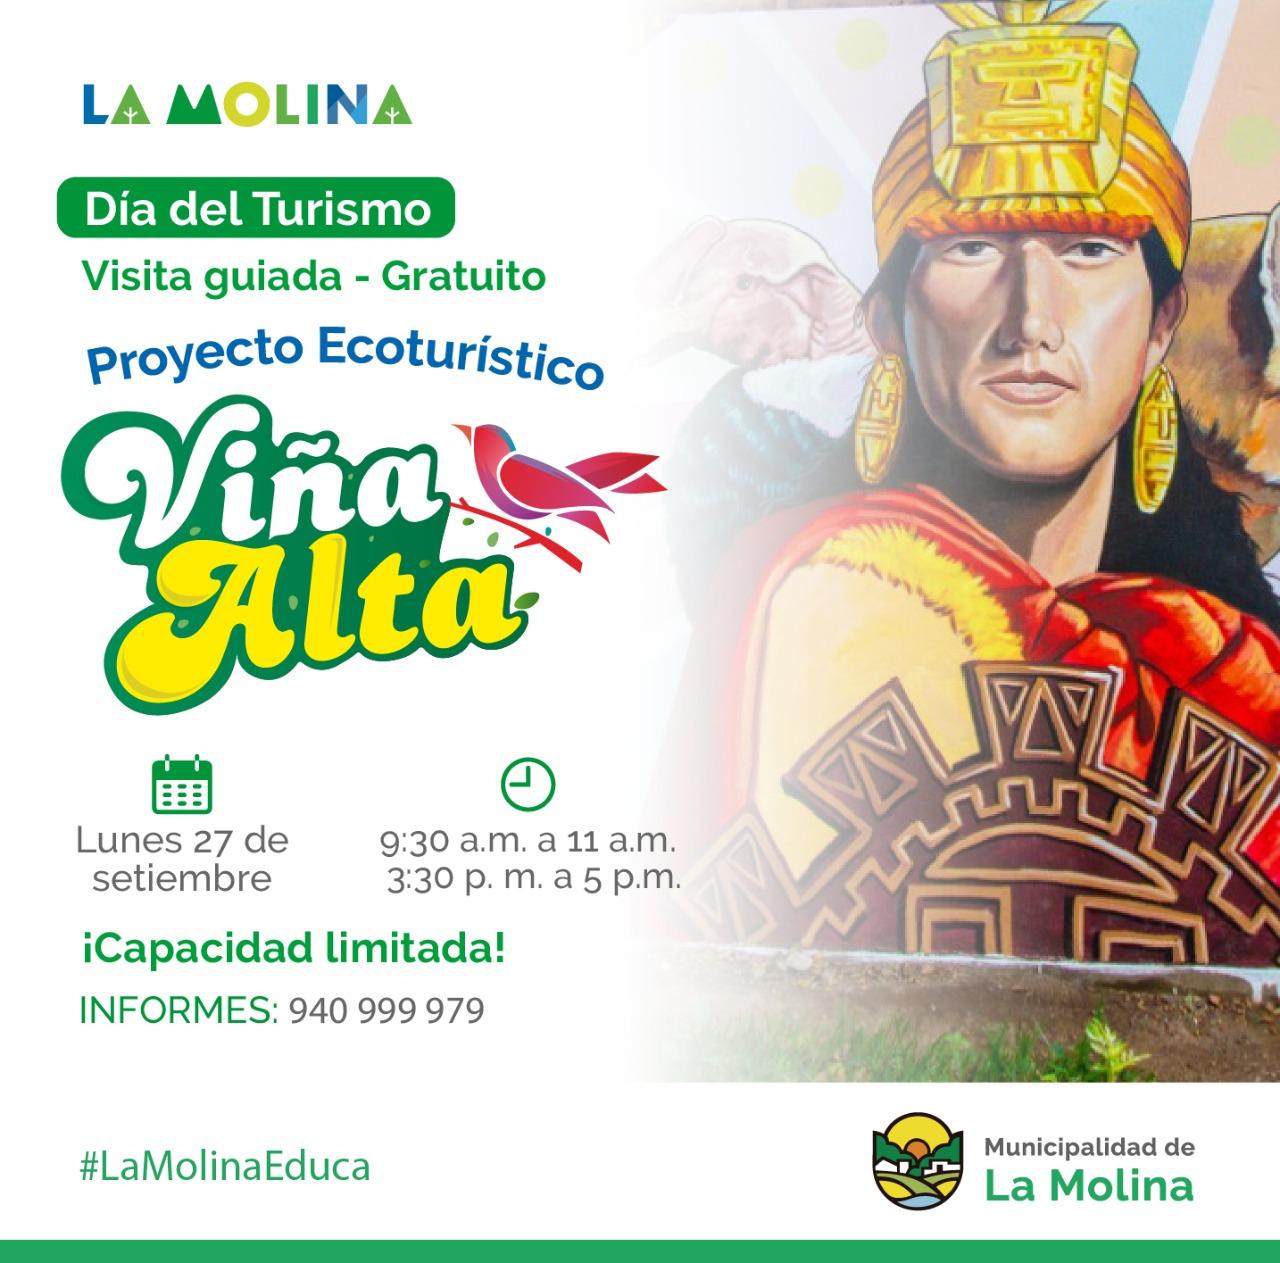 PROYECTO ECOTURÍSTICO  Por el Día del Turismo, este 27 de septiembre se realizará una visita guiada al Proyecto Ecoturístico Viña Alta, que está conformado por murales artísticos que retratan la tradición y logros de esta emblemática comunidad de La Molina.